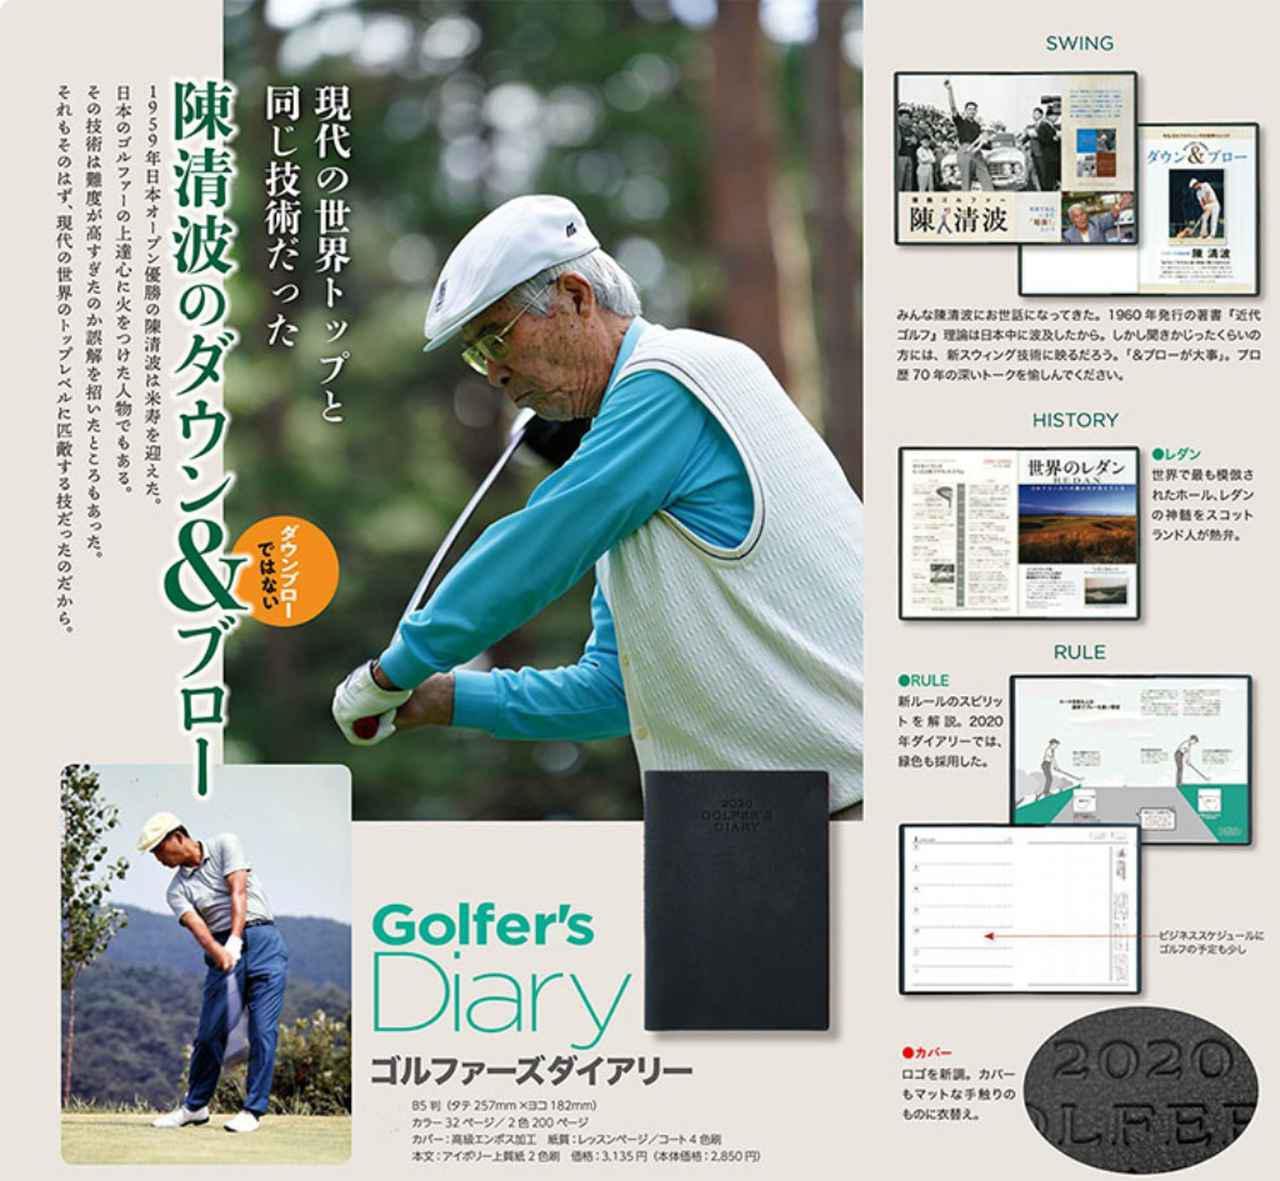 画像2: www.g-pocket.jp